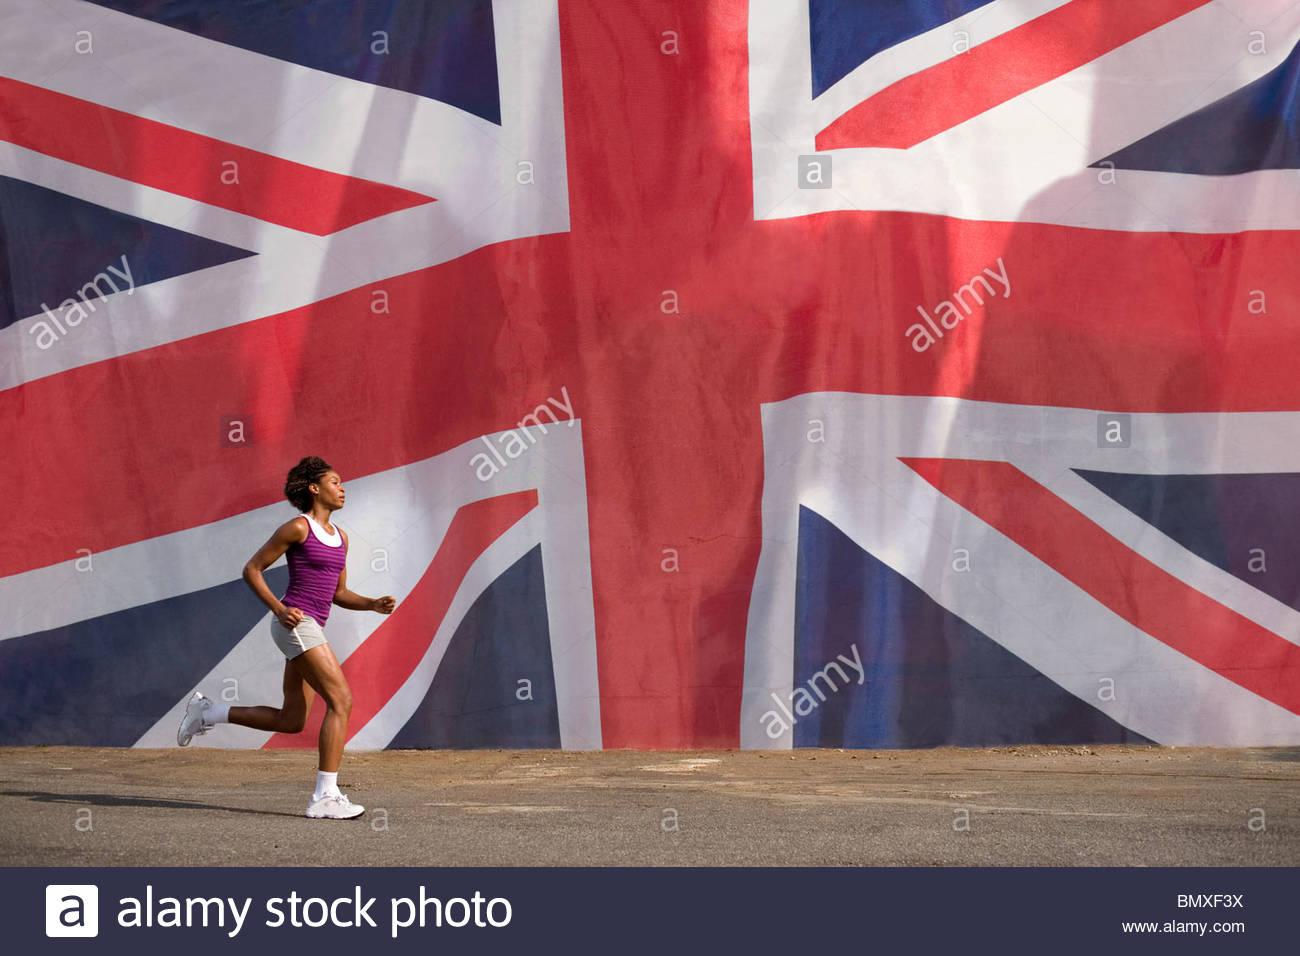 La donna in esecuzione passato bandiera britannica Immagini Stock